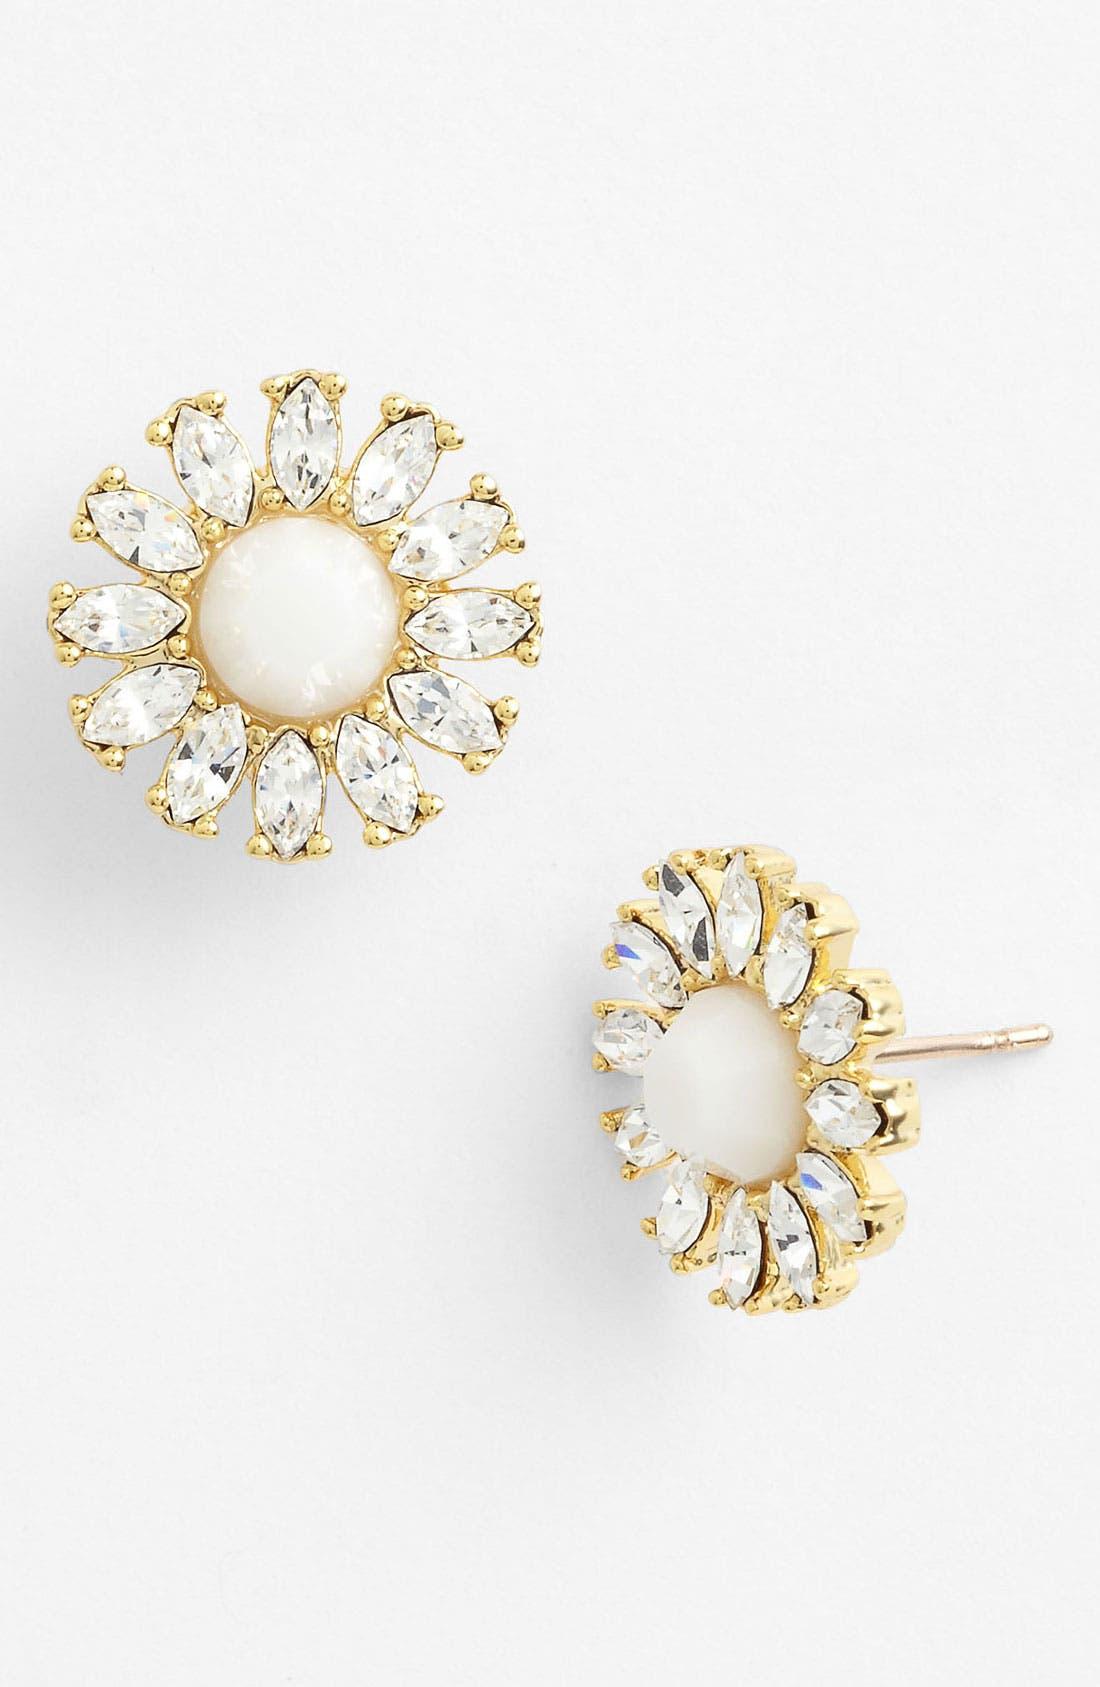 Alternate Image 1 Selected - kate spade new york 'estate garden' stud earrings